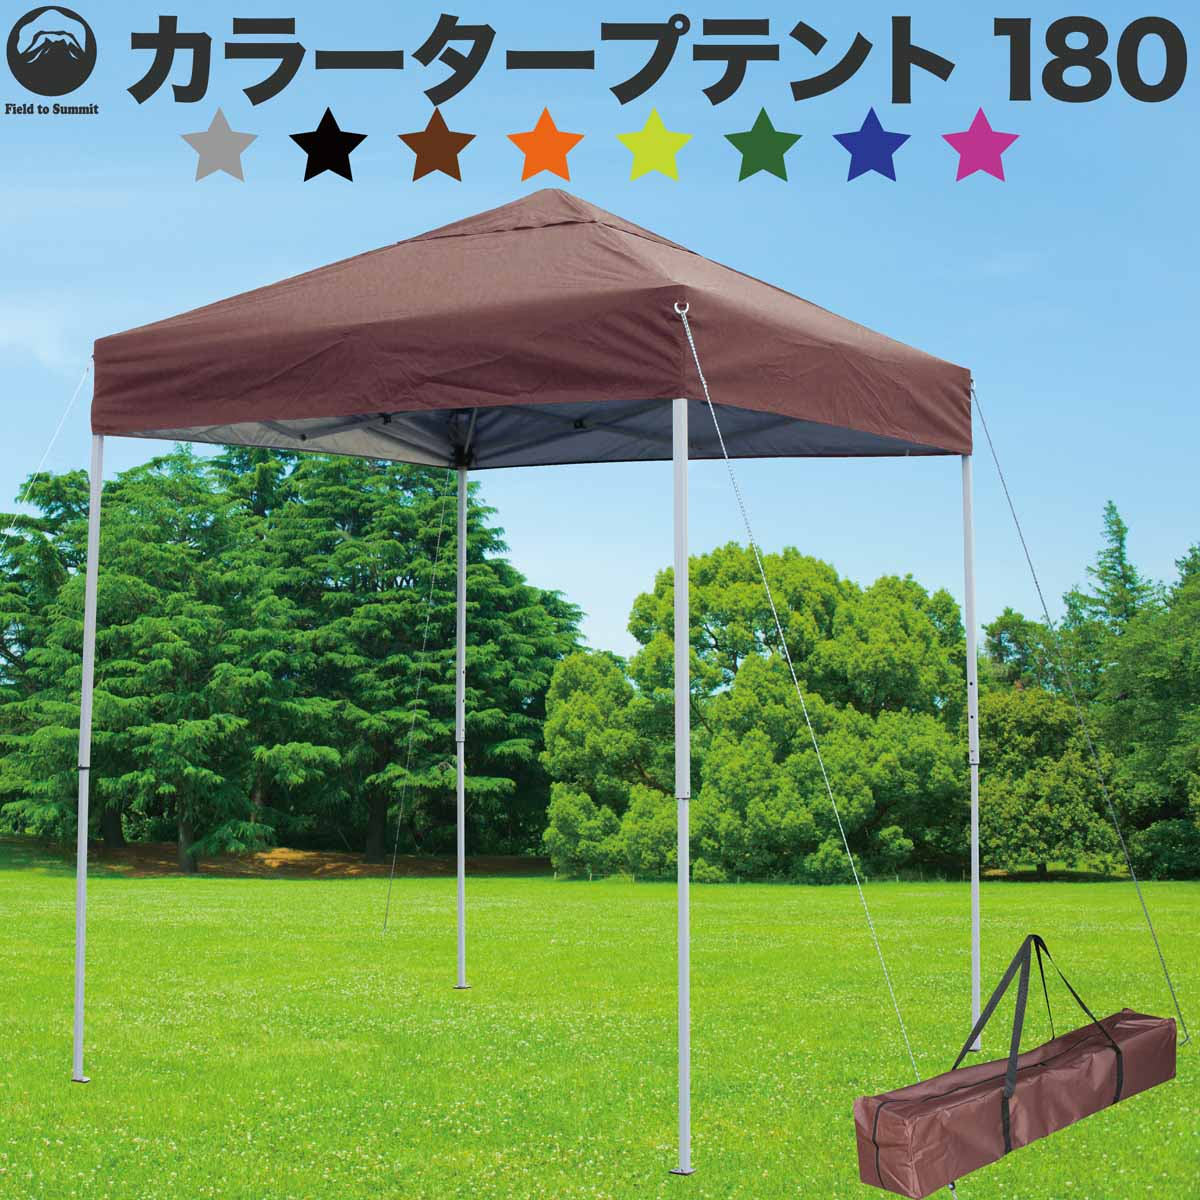 テント 2020A/W新作送料無料 大型 タープテント 新入荷 流行 ST180 1.8M シルバーコーティング 風抜け カラー 簡単 タープ ワンタッチ キャンプ 日除け ロゴ無し お花見 2m以下 簡易テント フリーマーケット BBQ 自立式 ガーデン